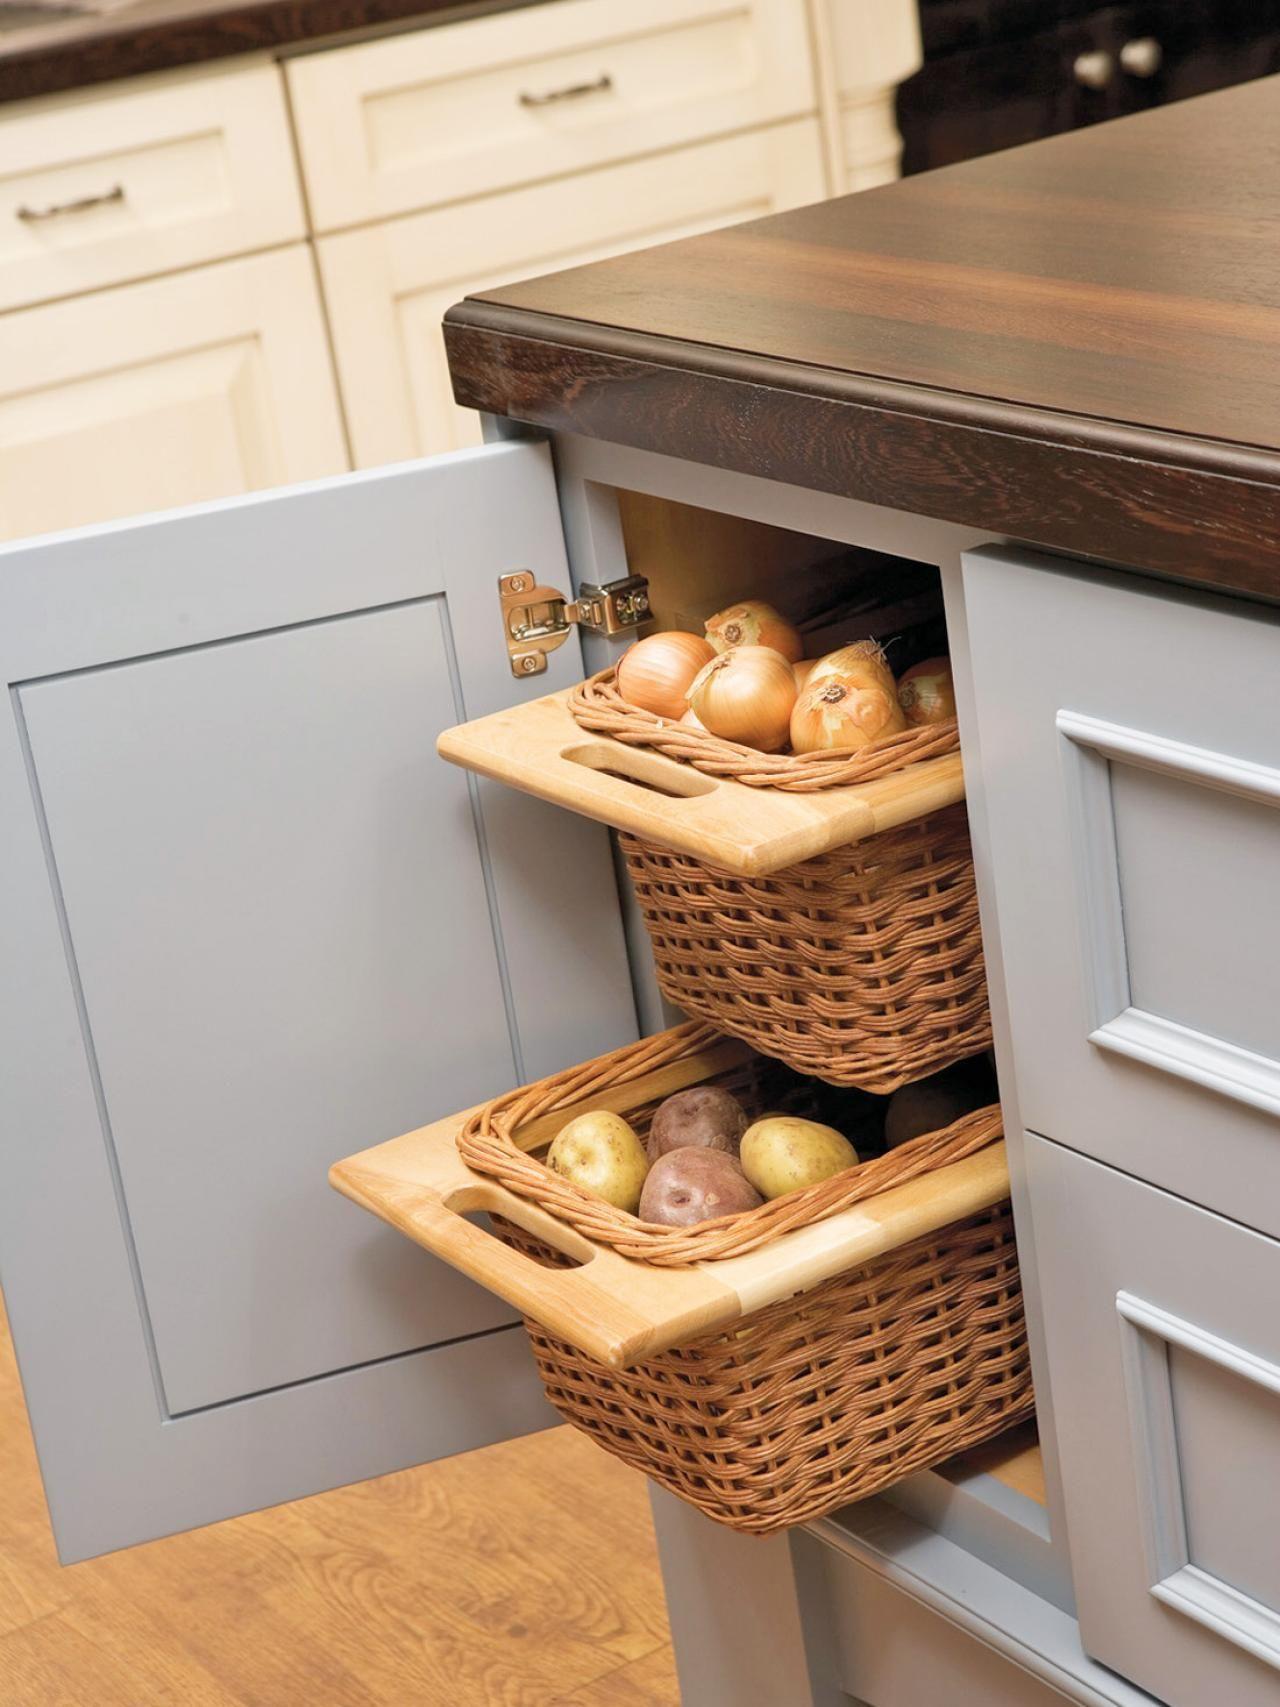 Kitchen Storage Ideas Design Cabinets Islands Kitchens Traditional White Antique Kitchens Traditional Off White Antique Kitchen Kith Cabinet Cabinets Unusual